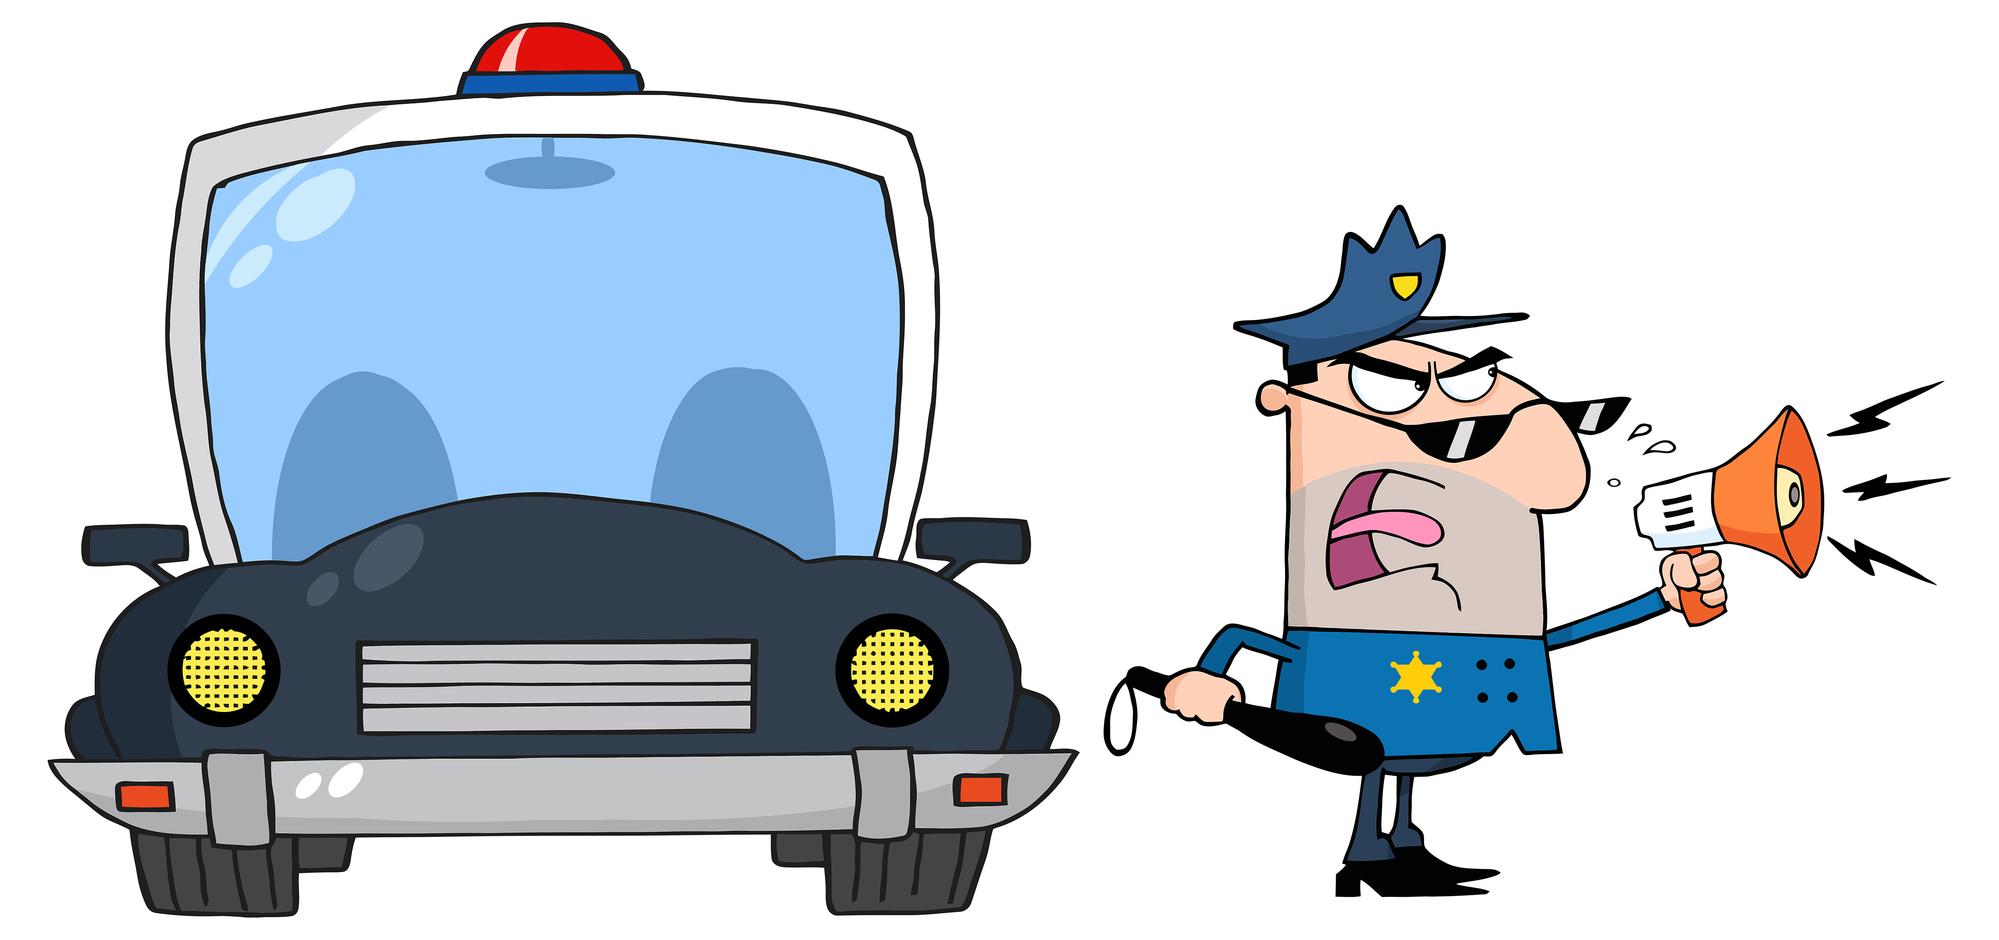 На вас надели наручники, задержали и лишили прав. Как защитить себя от инспектора-вымогателя